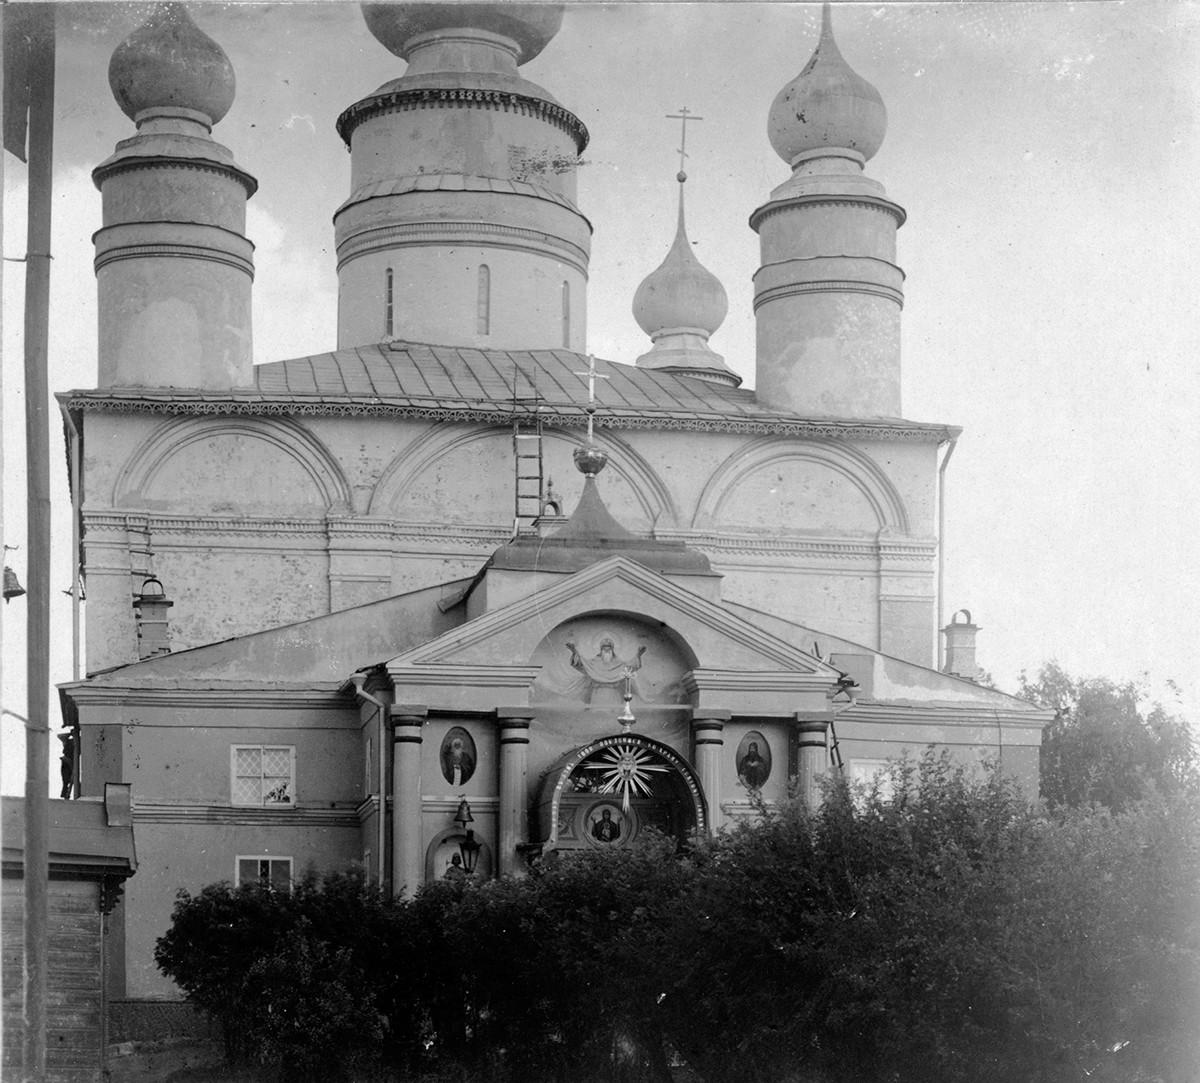 Cathédrale Saint-Boris-et-Saint-Gleb, vue ouest. Les coupoles décoratives ont été placées sur le toit en 1836 et enlevées en 1925 par l'architecte et spécialiste de la conservation Piotr Baranovski.